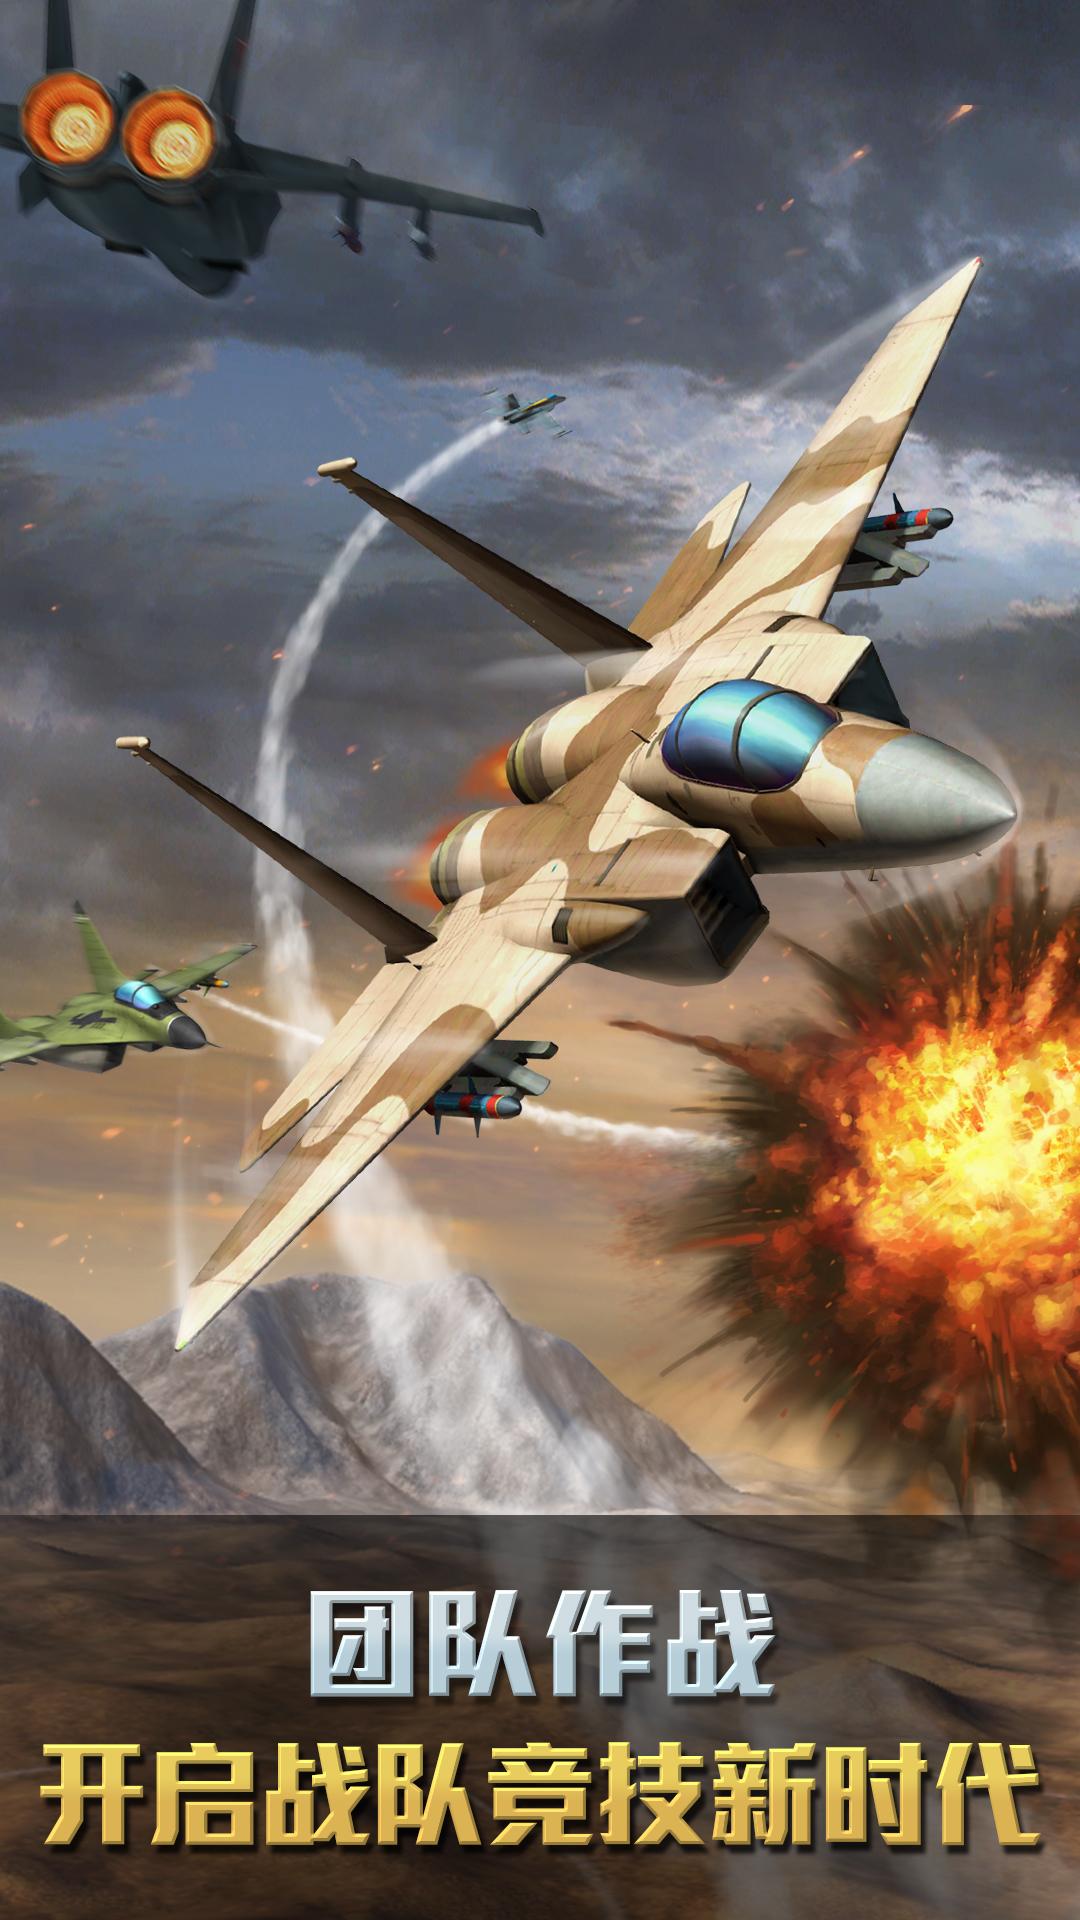 空战争锋 APP截图